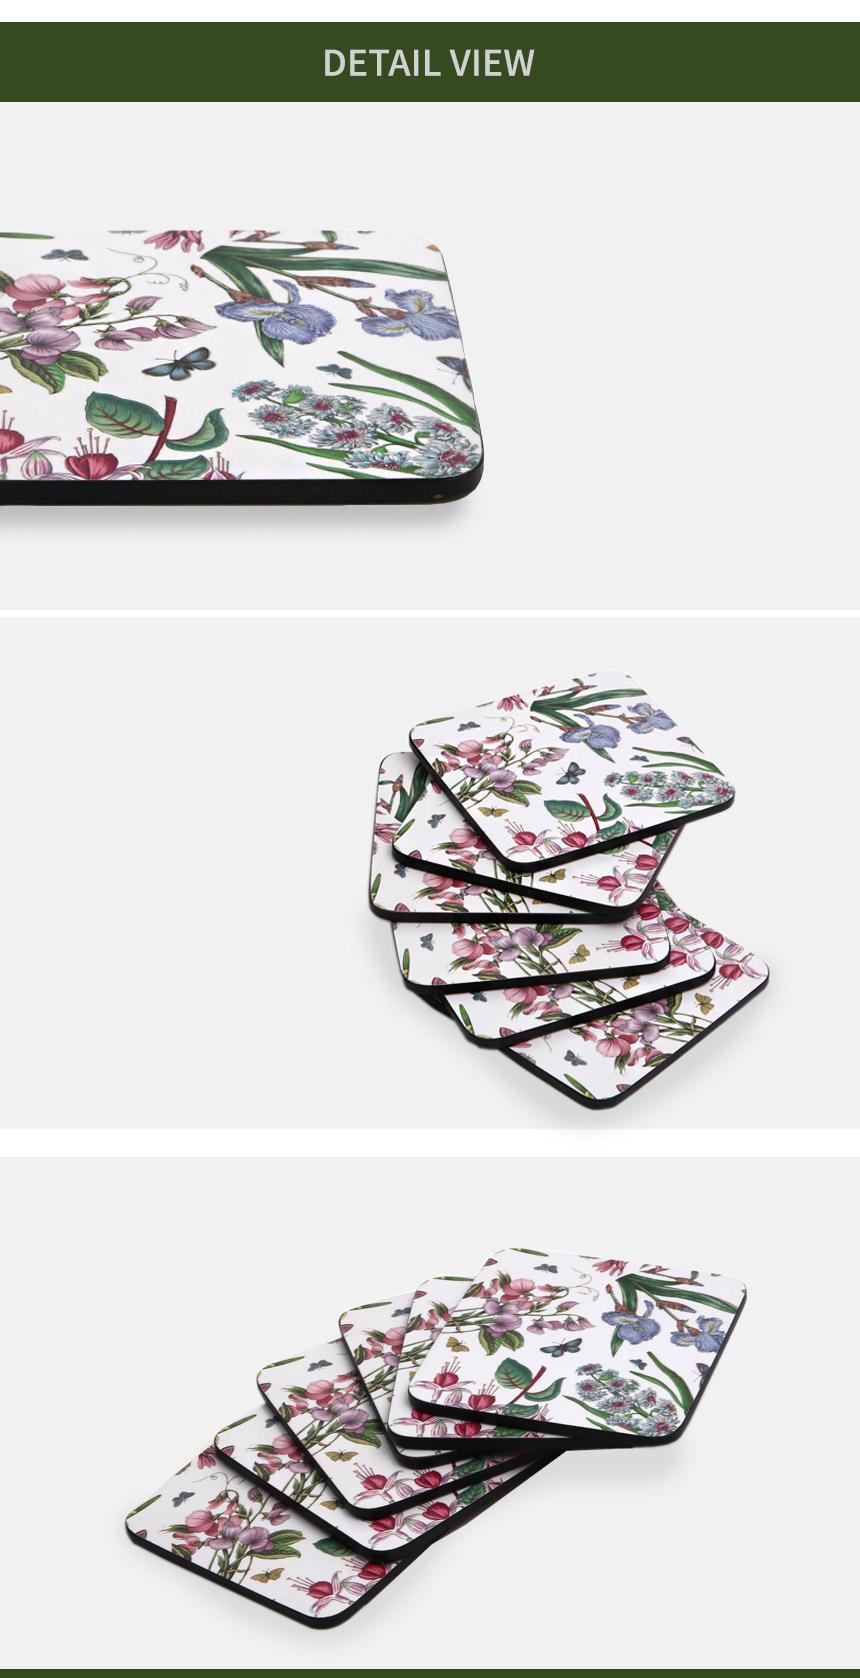 보타닉가든 친즈 코스터 6P - 비스비바, 12,100원, 컵받침/뚜껑/홀더, 컵받침